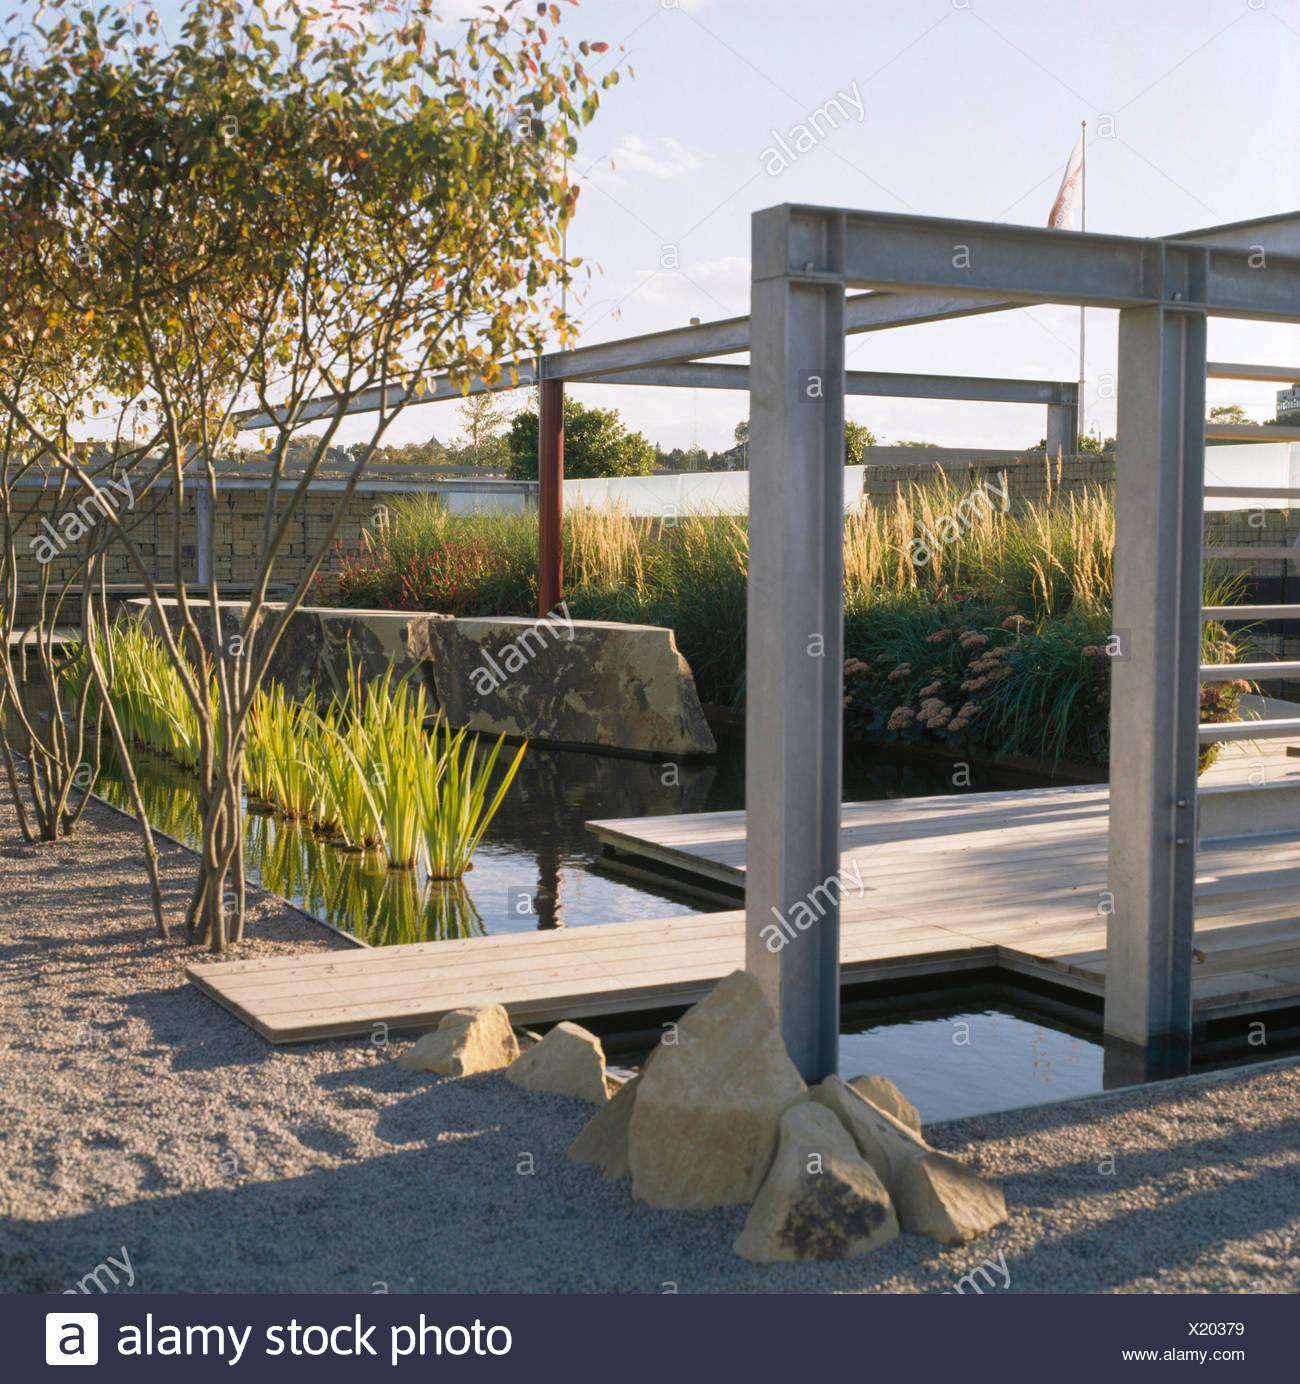 Full Size of Metall Pergola Und Holzterrassen In Architektonischen Garten Mit Regale Regal Weiß Bett Wohnzimmer Pergola Metall